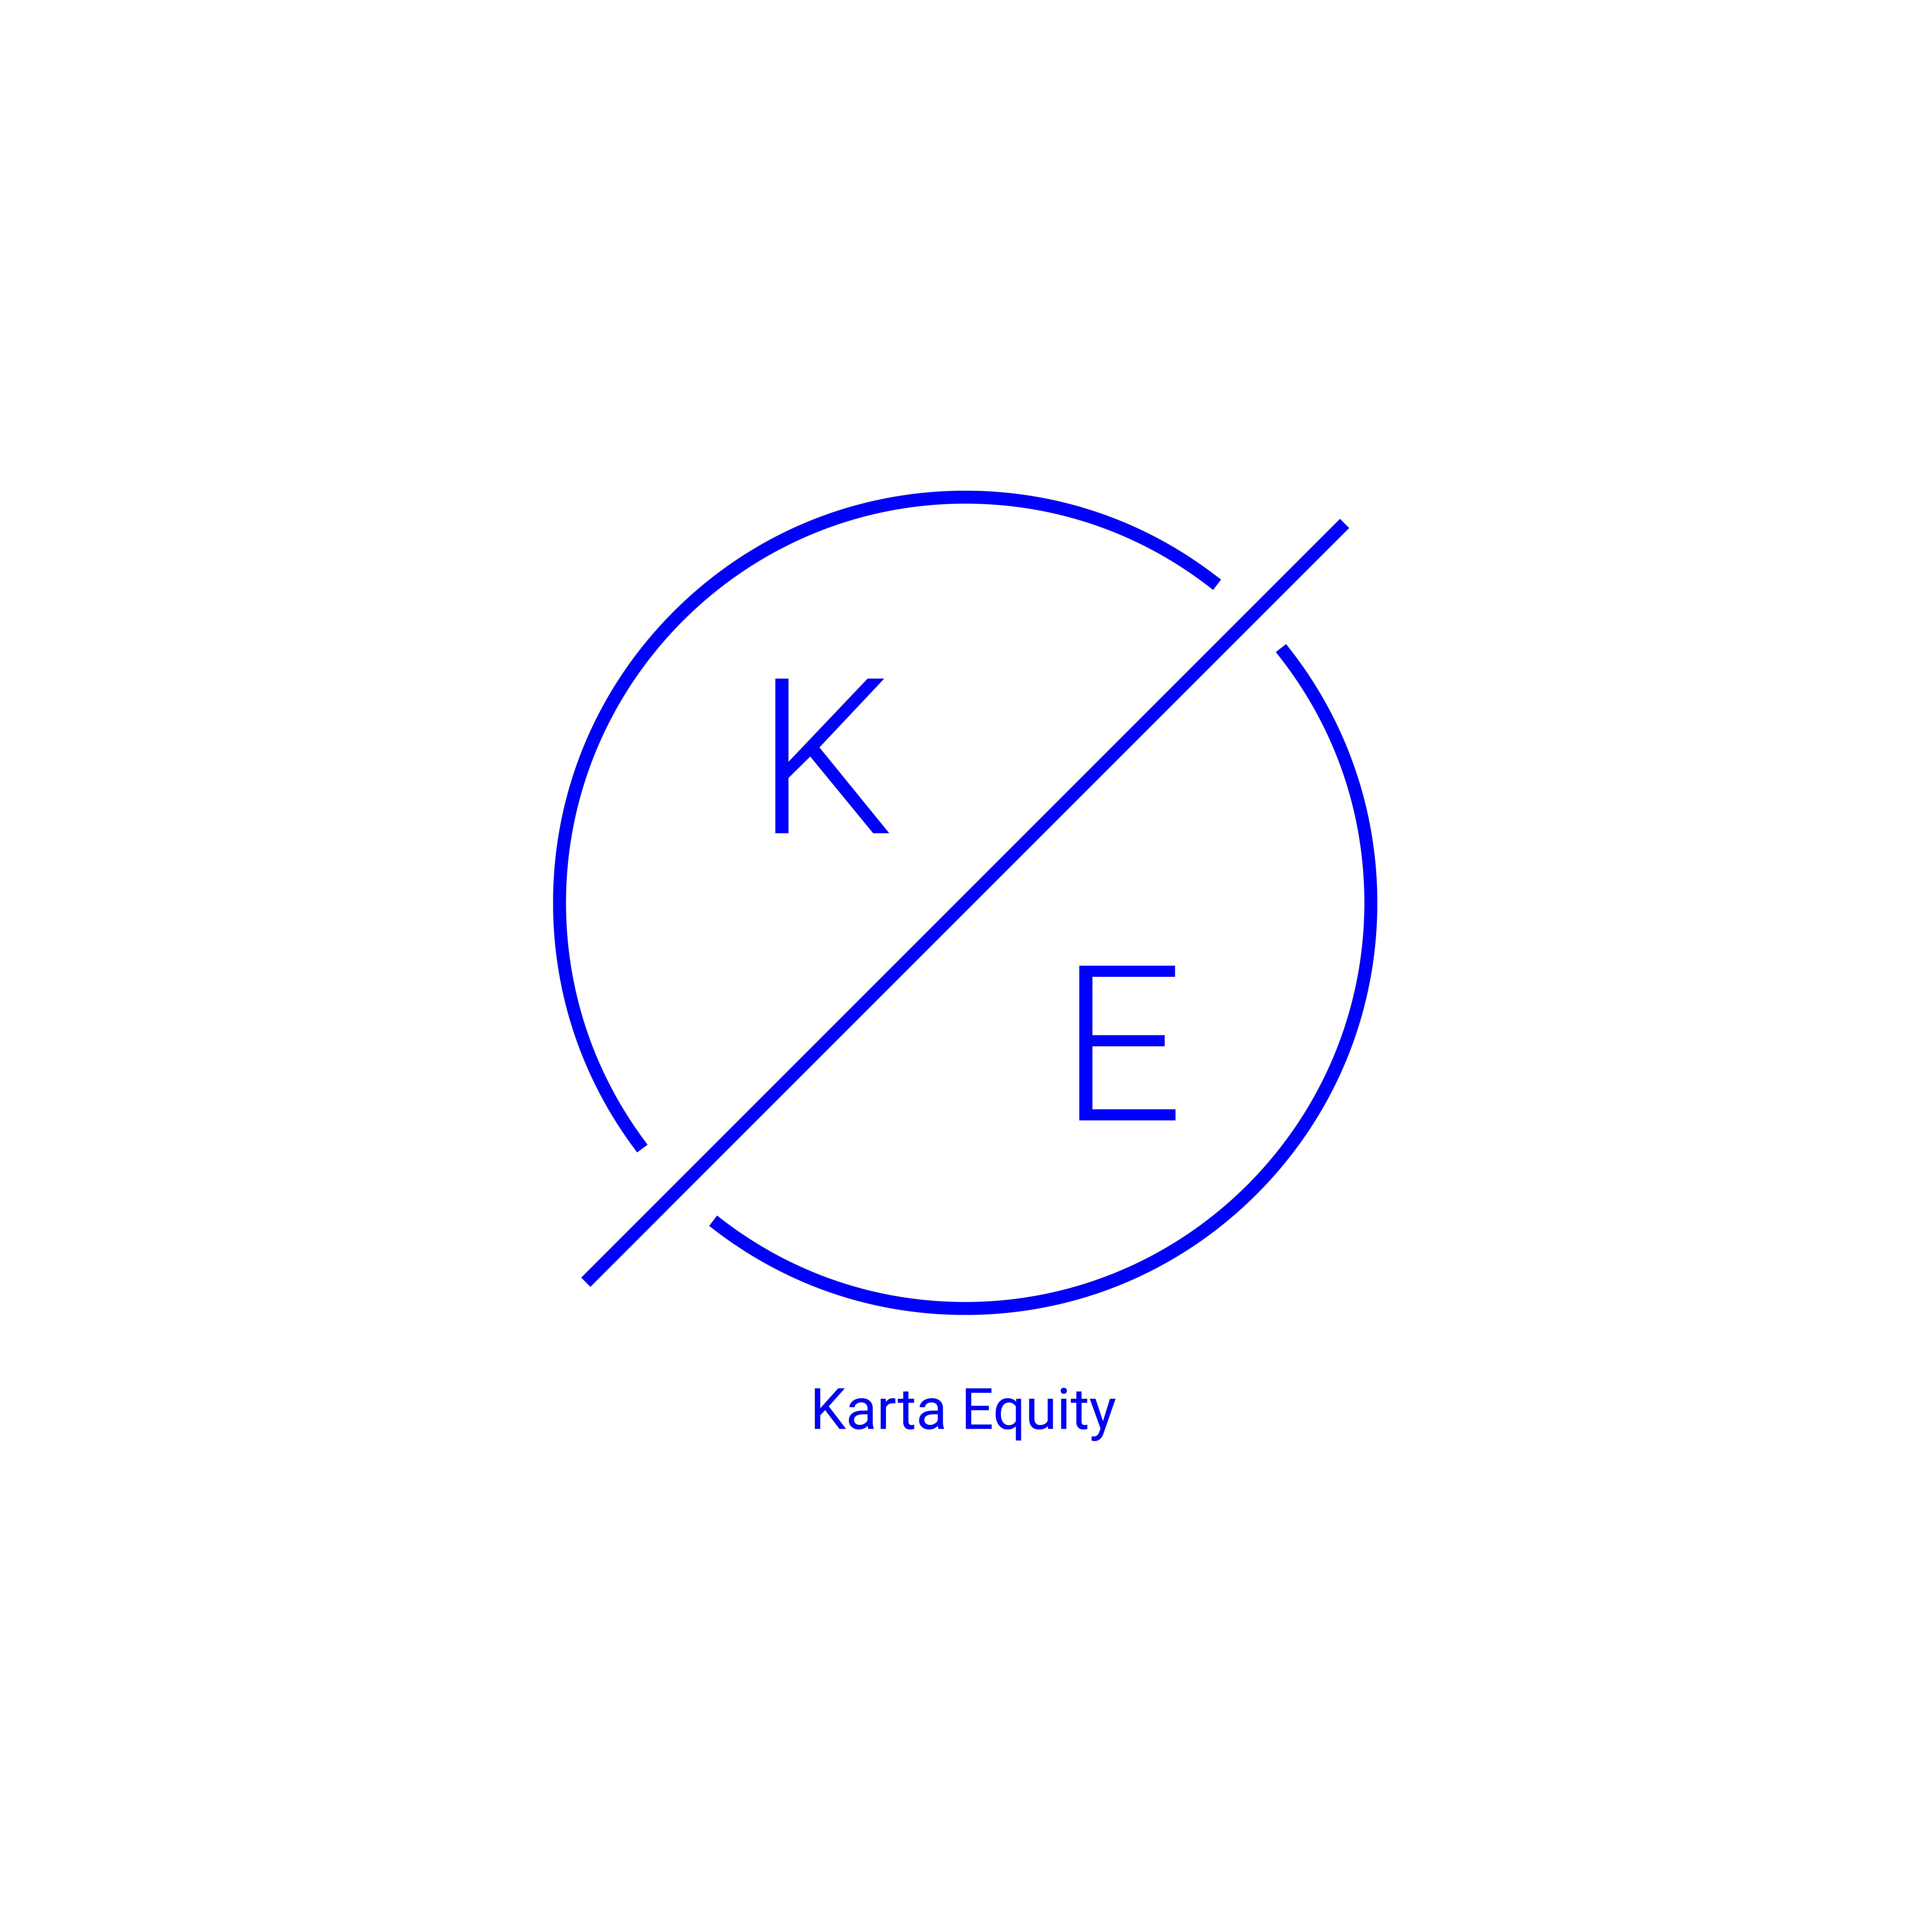 Логотип для компании инвестироваюшей в жилую недвижимость фото f_5885e16800f0ccff.jpg